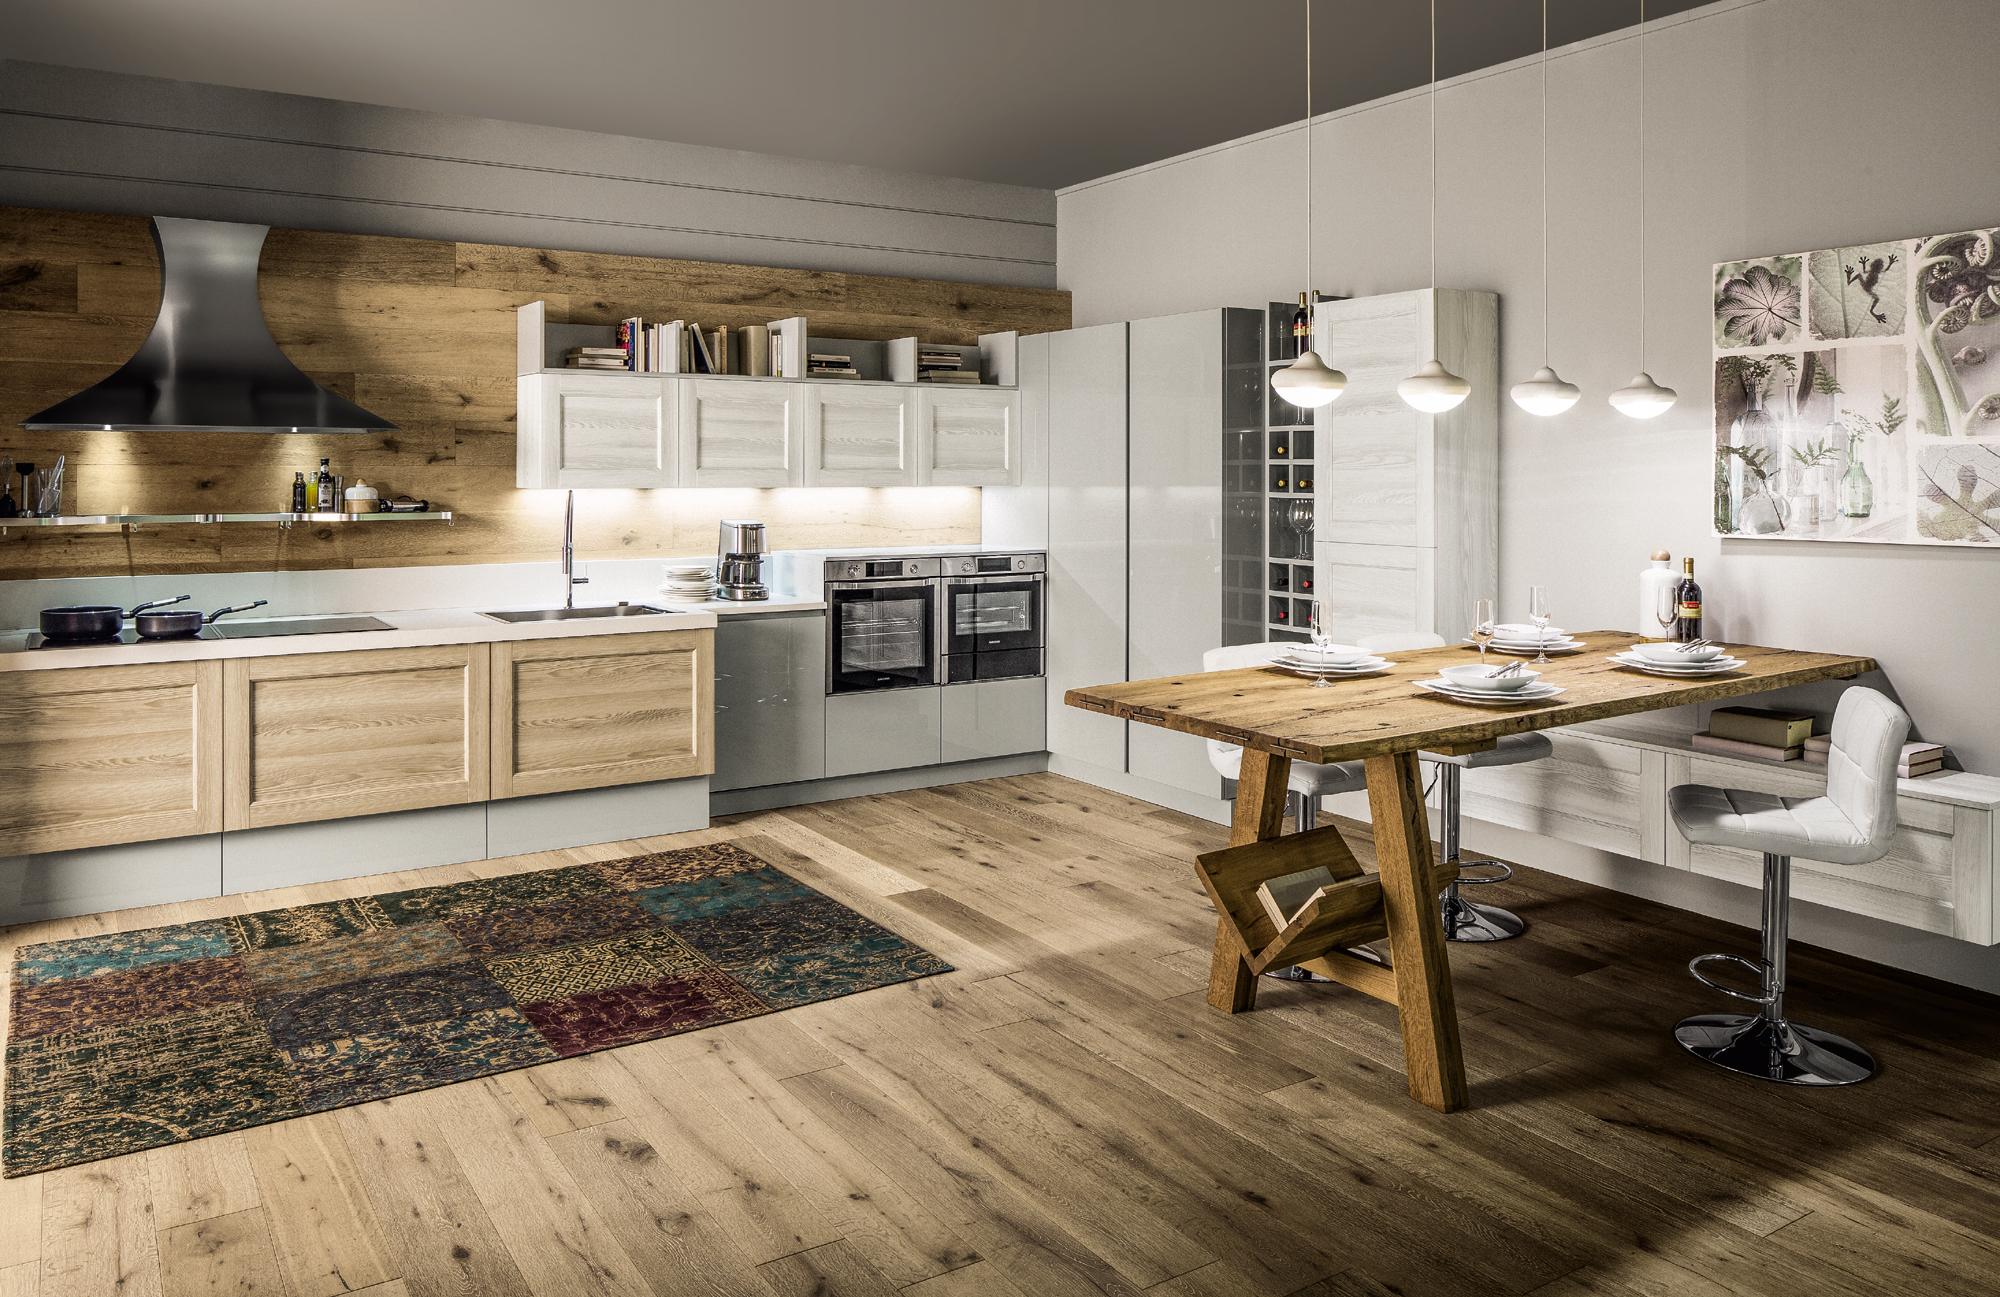 Mobil e arredamenti udine arredamento per la casa for Oggettistica per casa classica